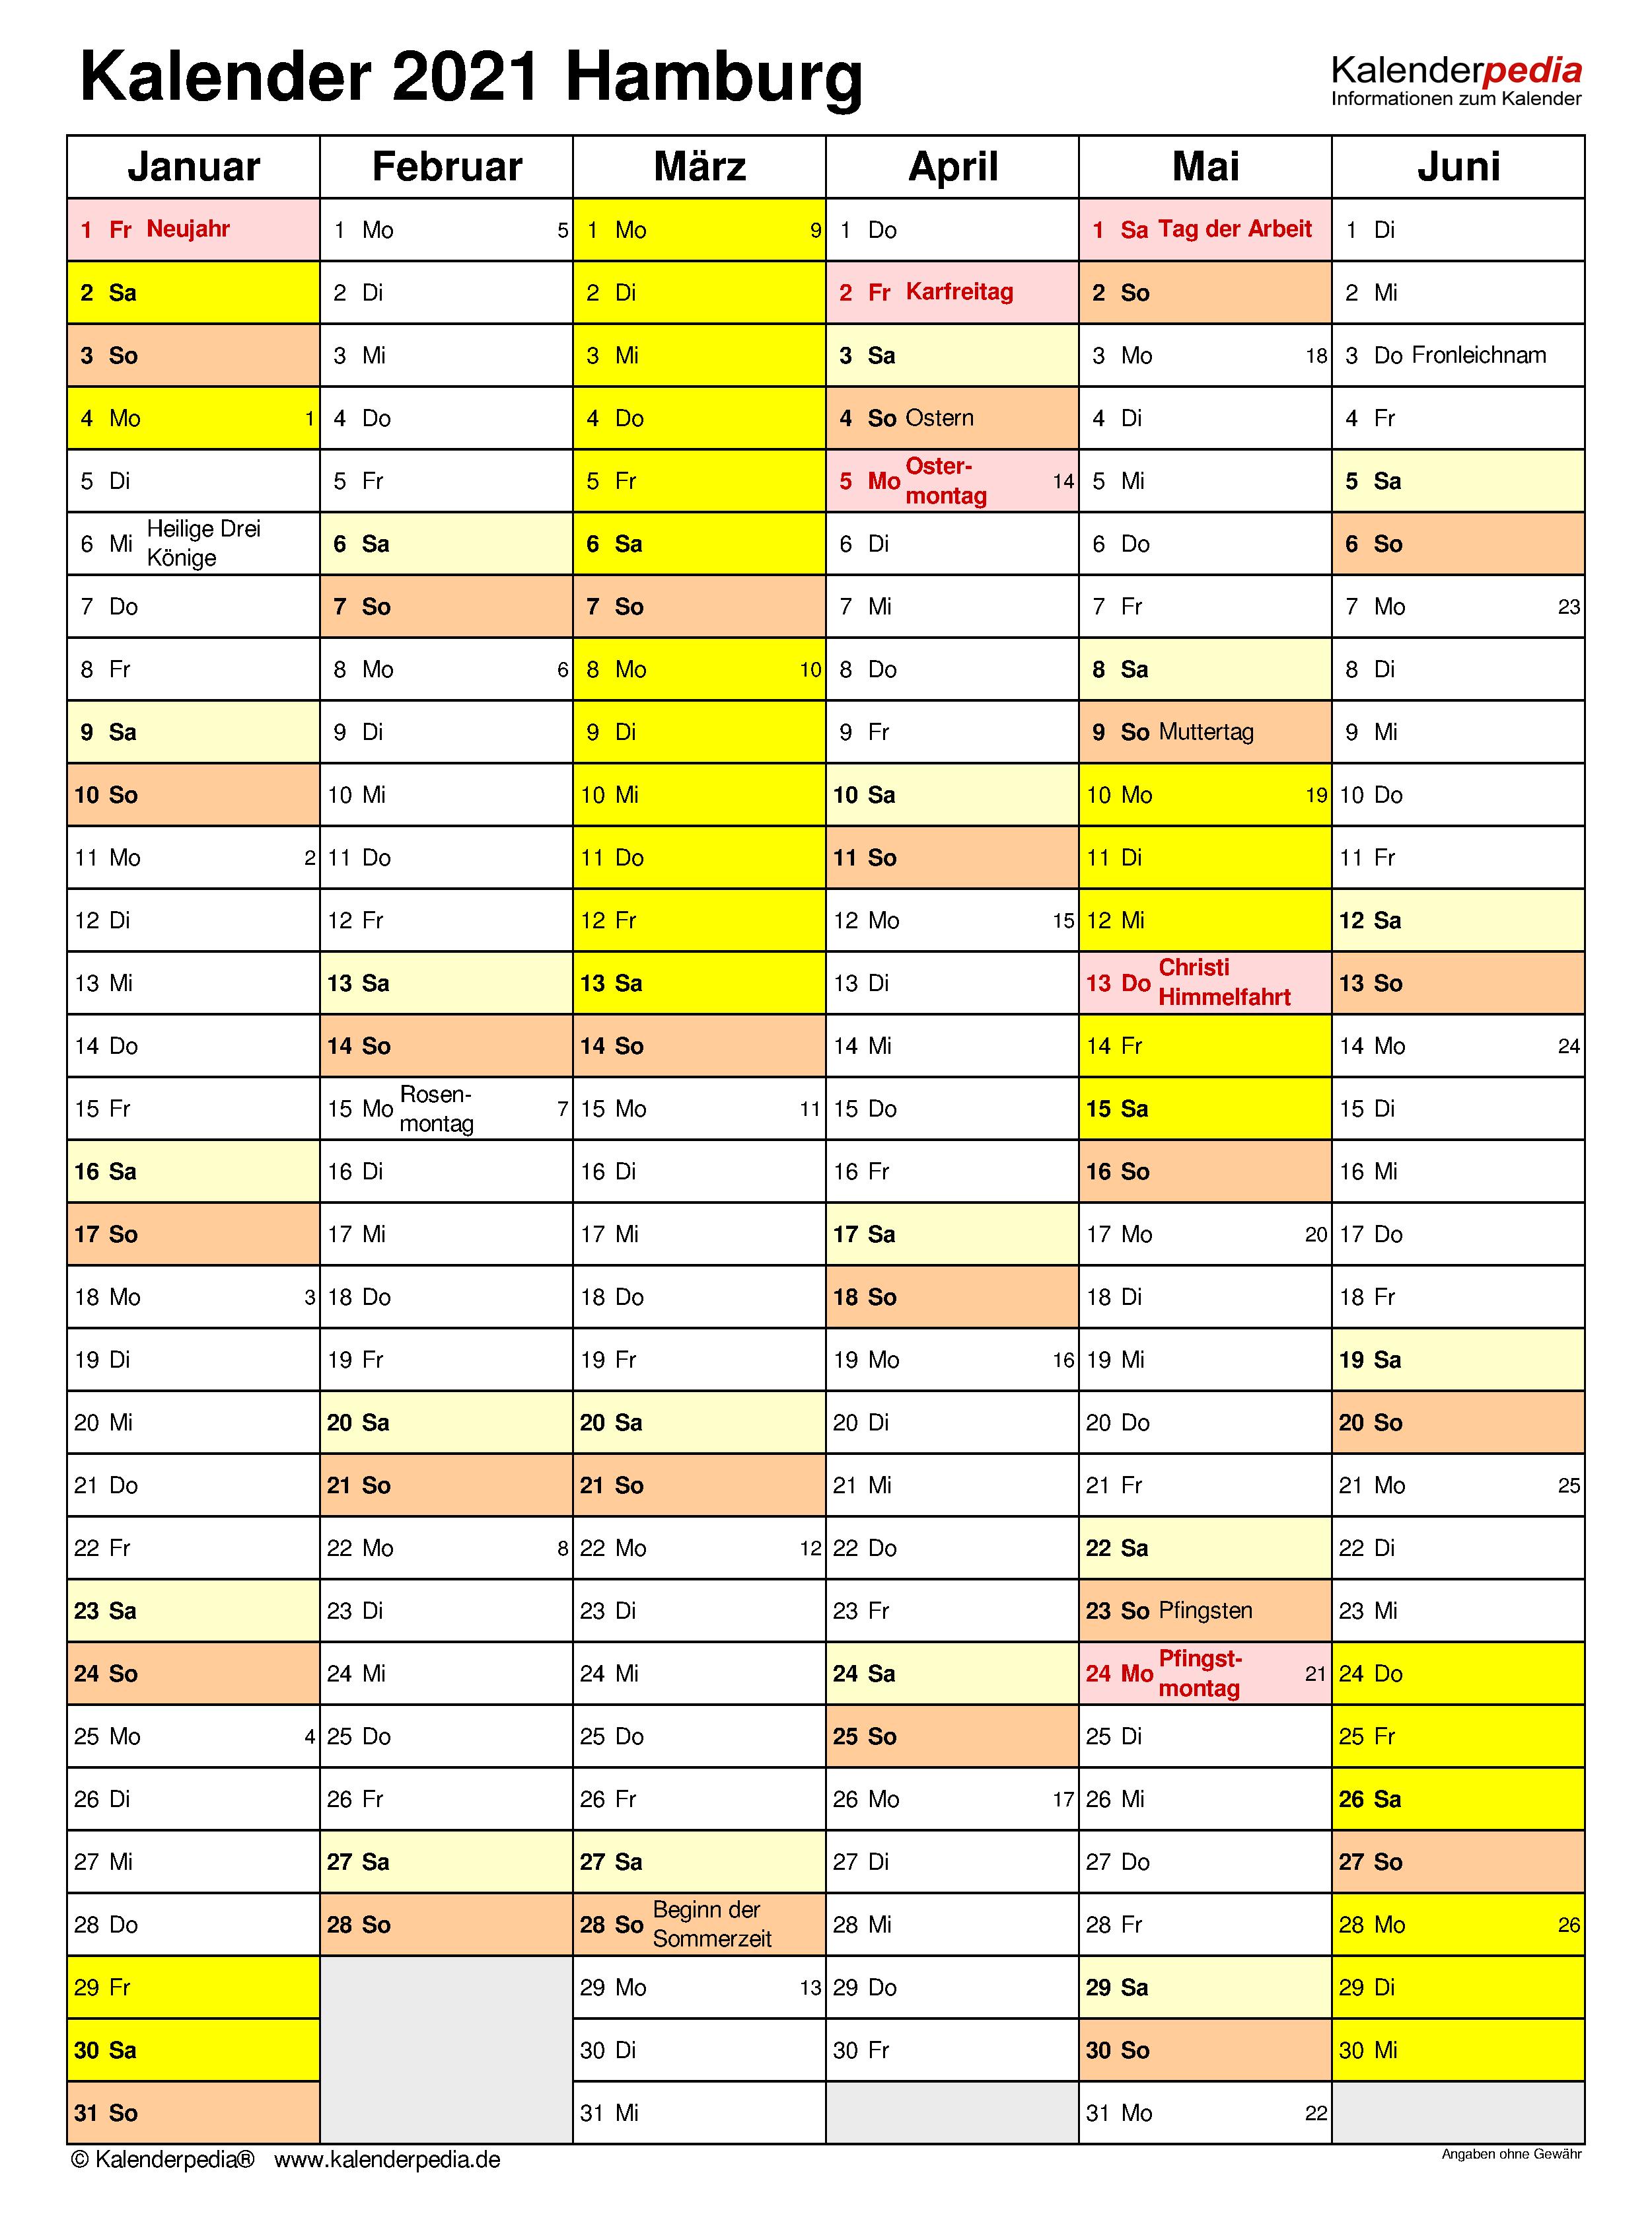 Kalender Hamburg 2021